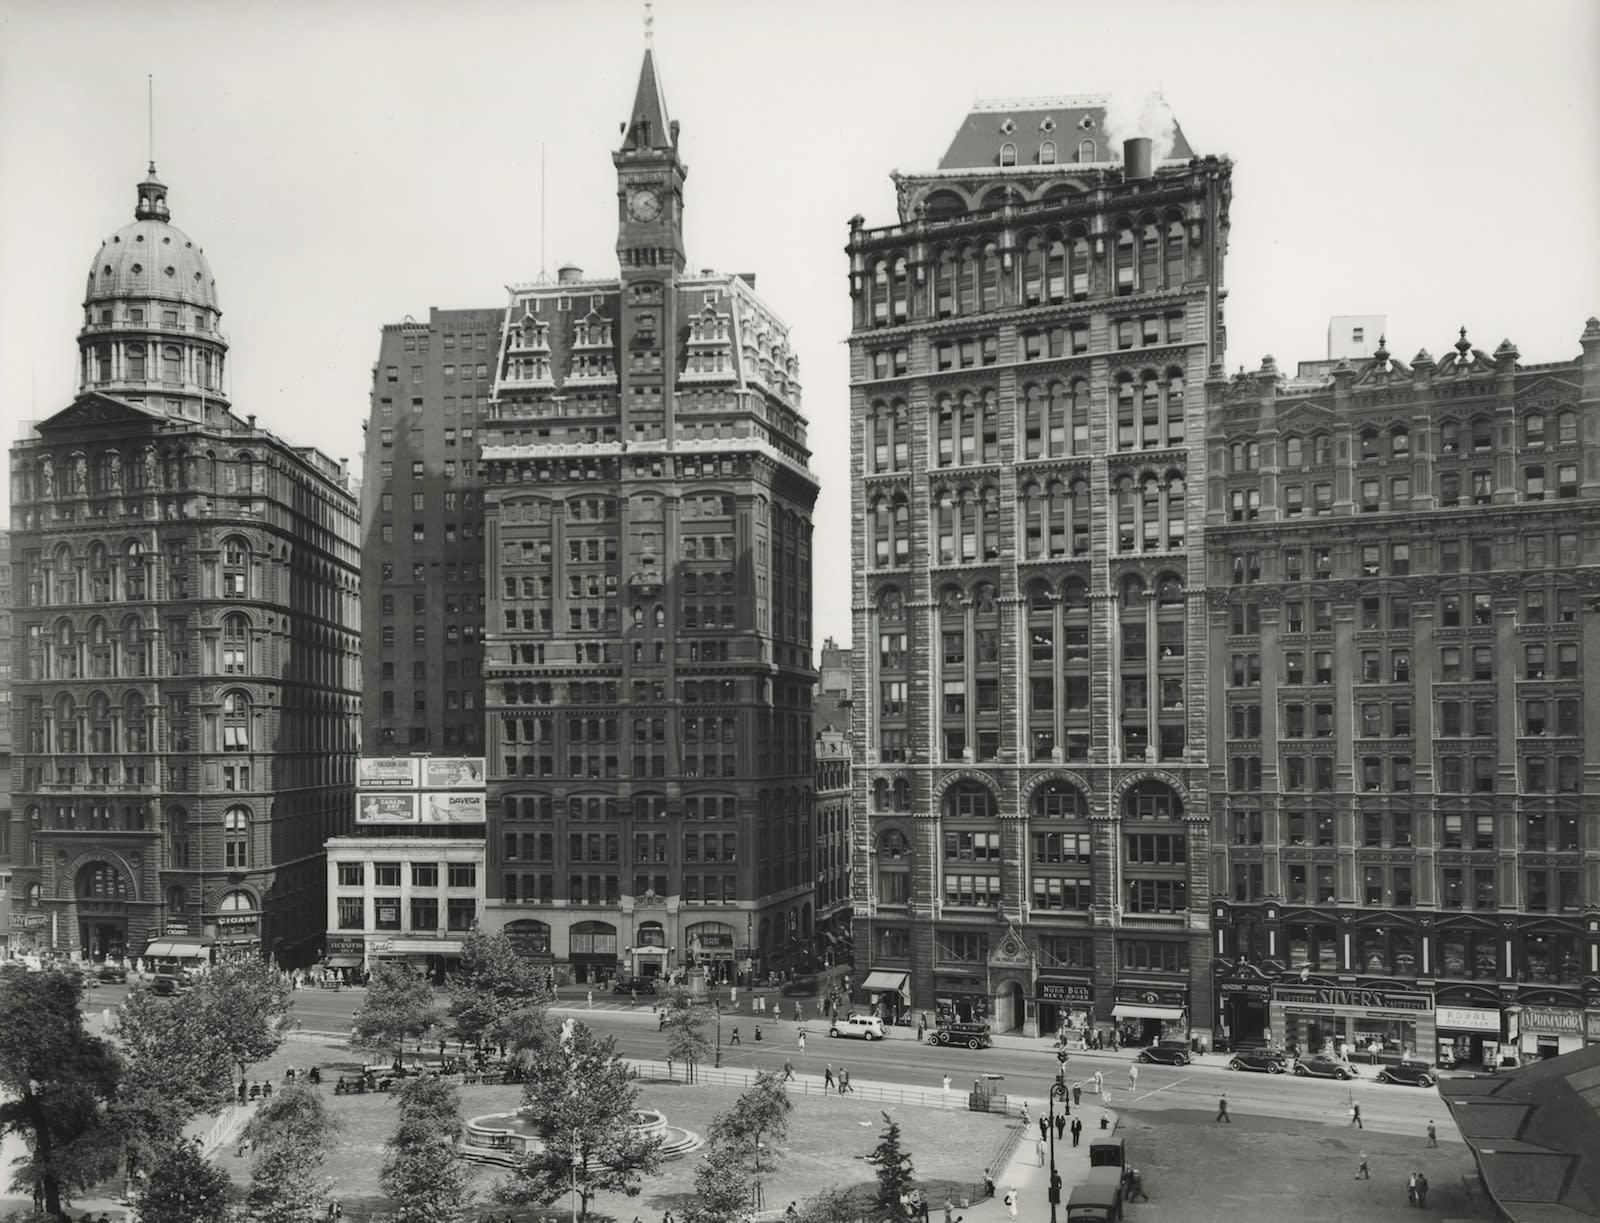 Berenice Abbott, City Hall with World Tower, c. 1936